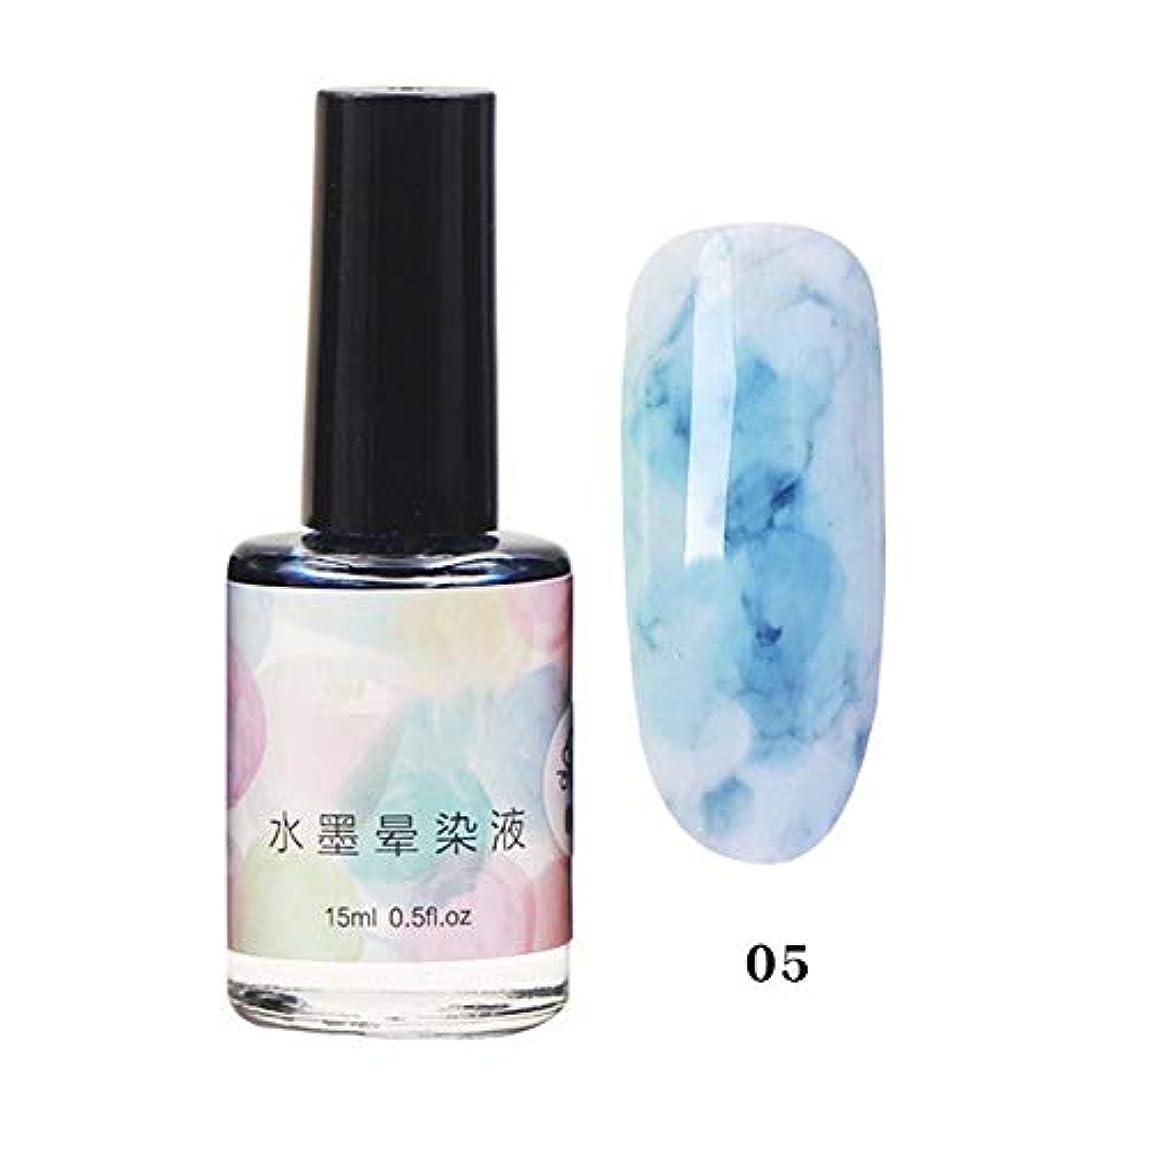 抵抗影平等11色選べる ネイルポリッシュ マニキュア ネイルアート 美しい 水墨柄 ネイルカラー 液体 爪に塗って乾かす 初心者でも簡単に使用できる junexi